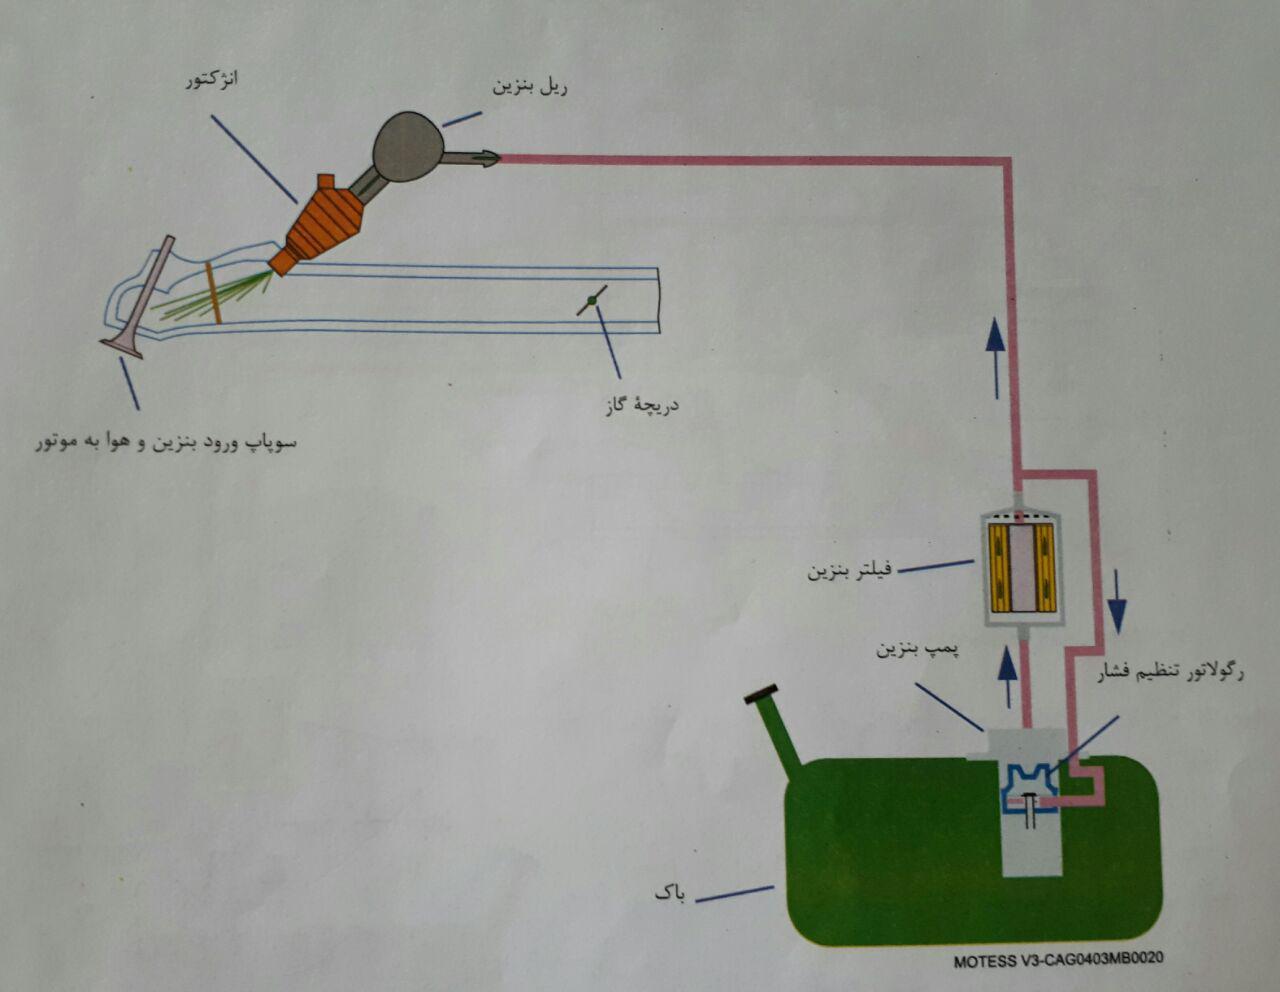 سیستم سوخت رسانی با رگولاتور کاهش ثابت فشار بنزین